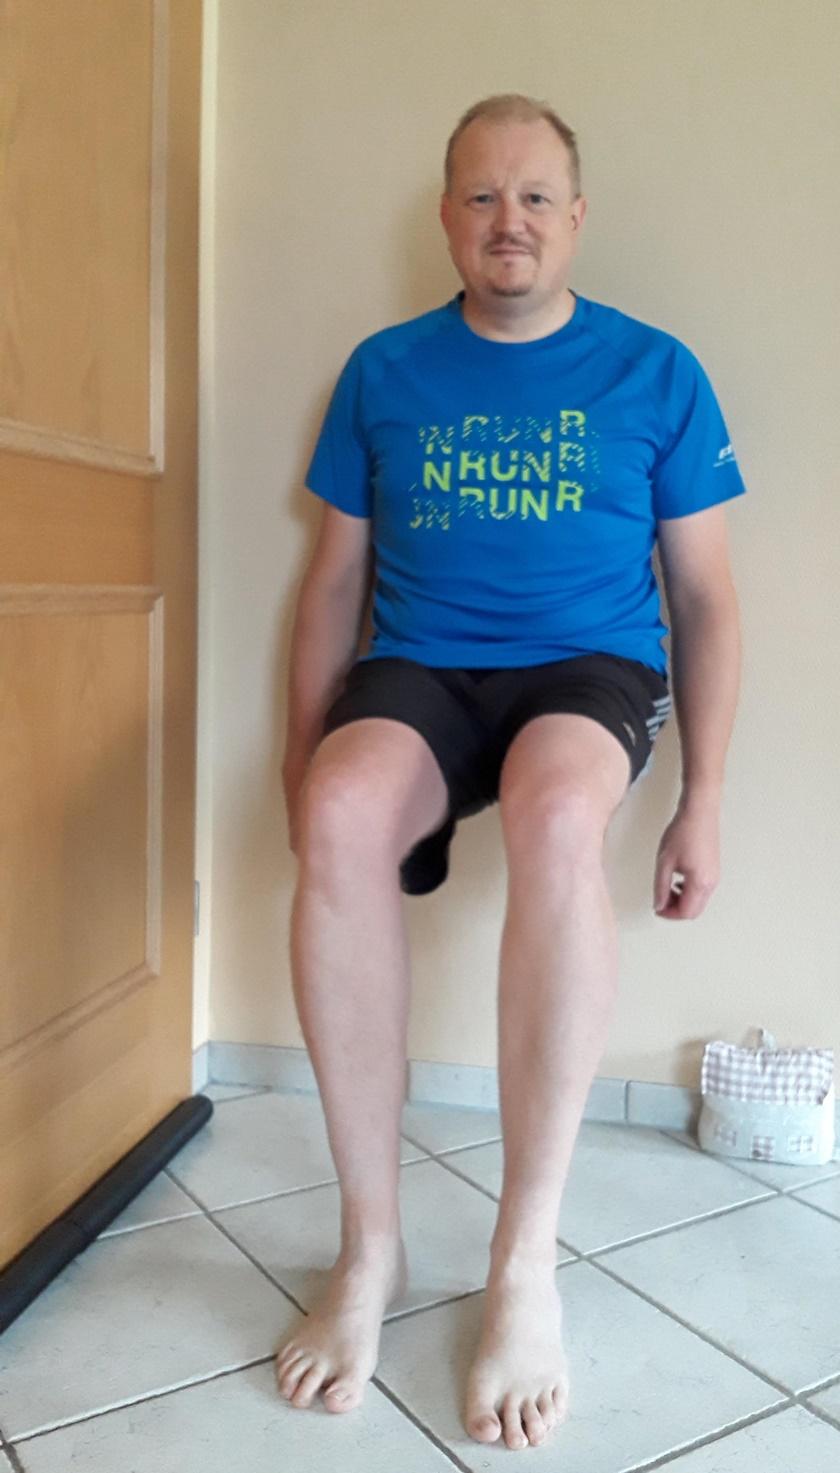 Mann im sportlichen Dress führt das Wandsitzen durch und verharrt mehrere Sekunden in diesem Zustand.